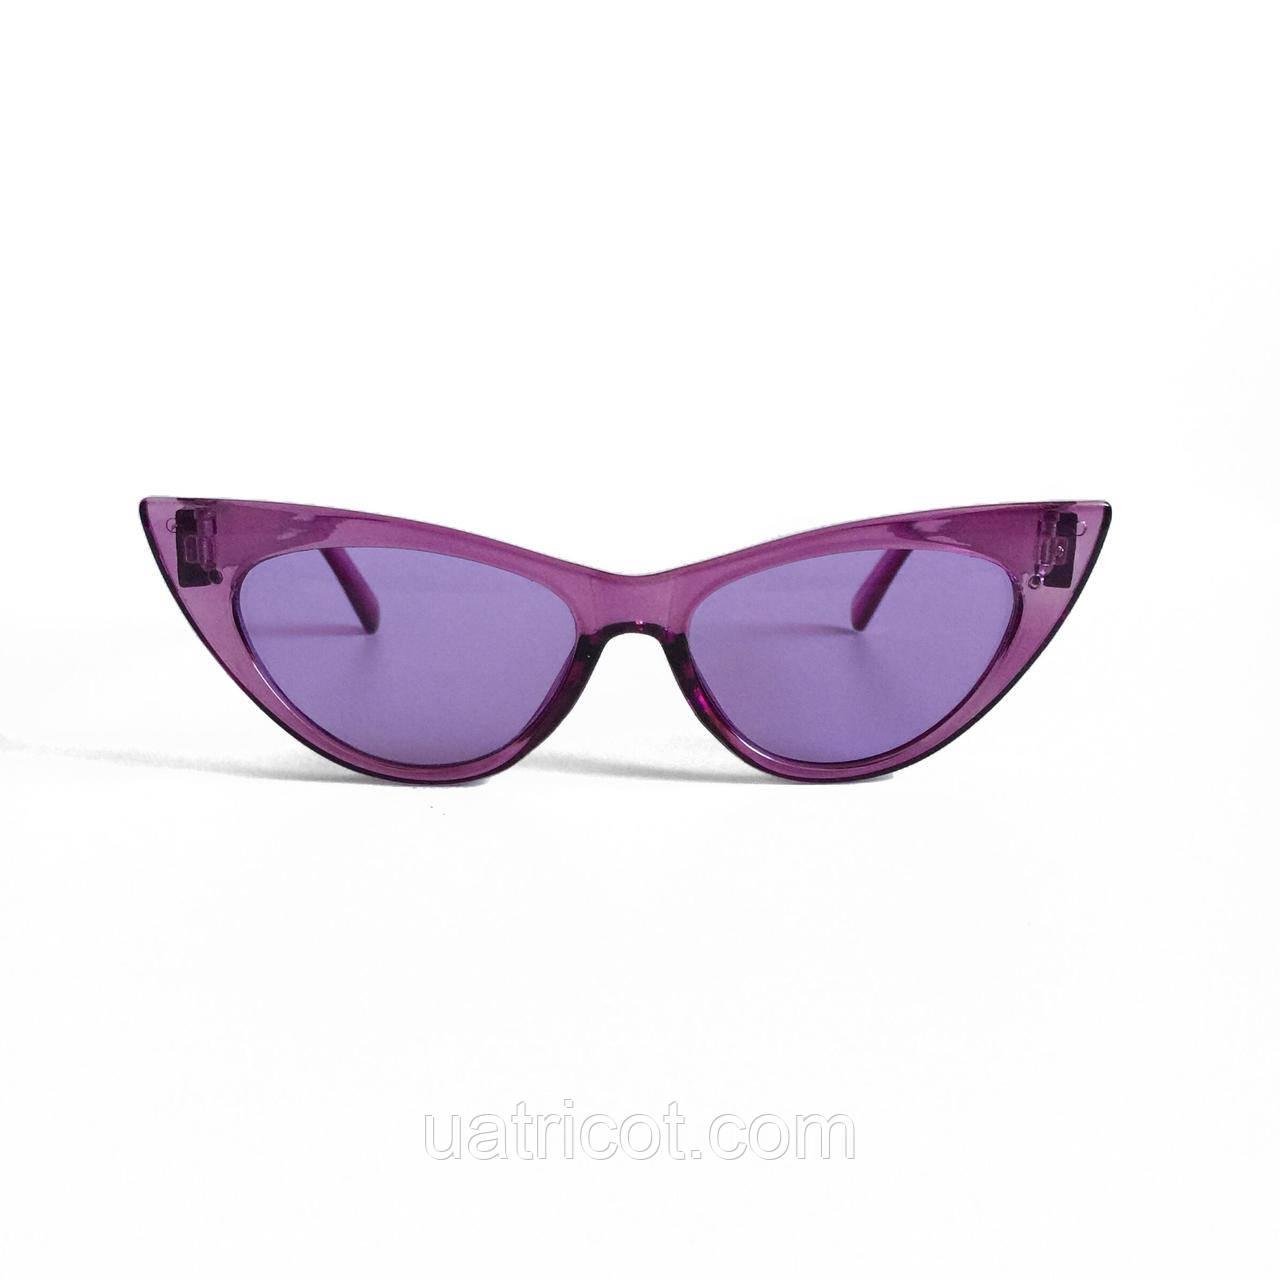 Женские солнцезащитные очки лисы в сиреневой оправе с сиреневыми линзами